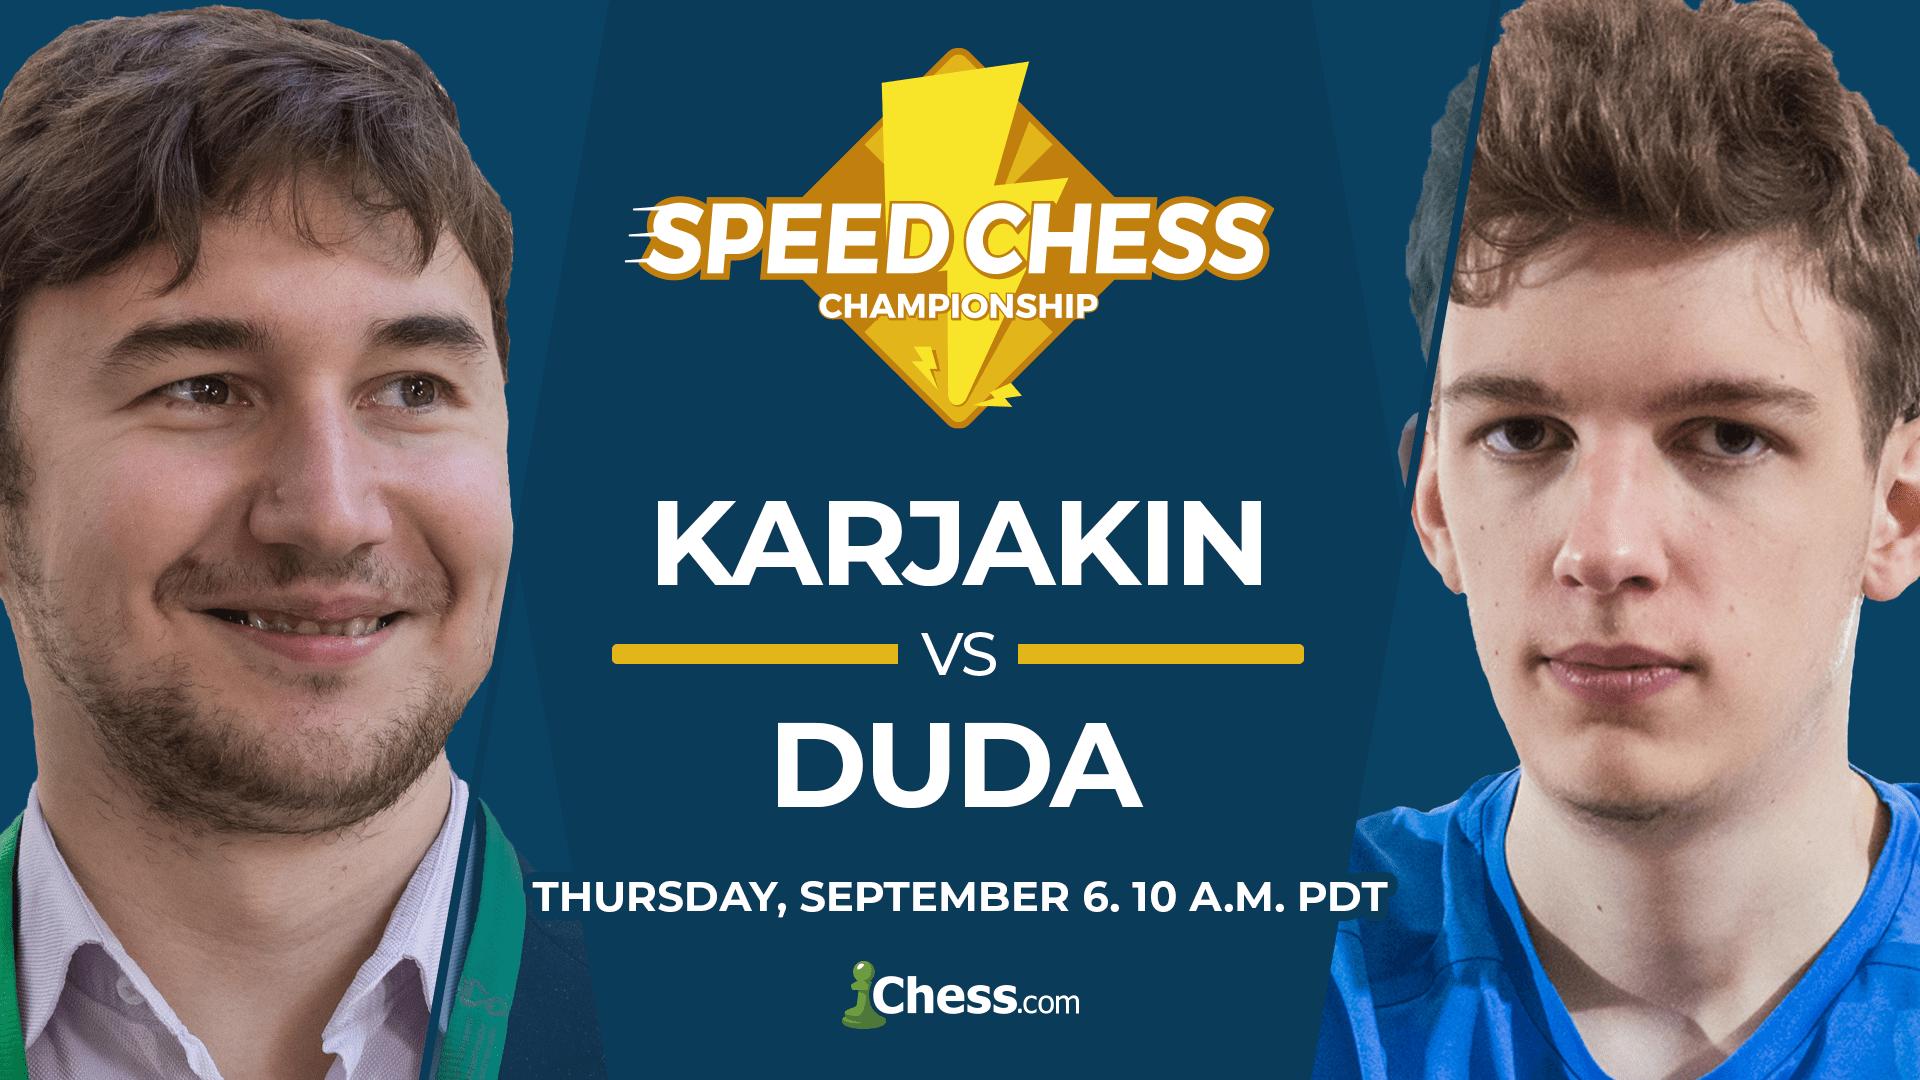 Karjakin vs Duda: Thursday, September 6. 10 a.m. PDT